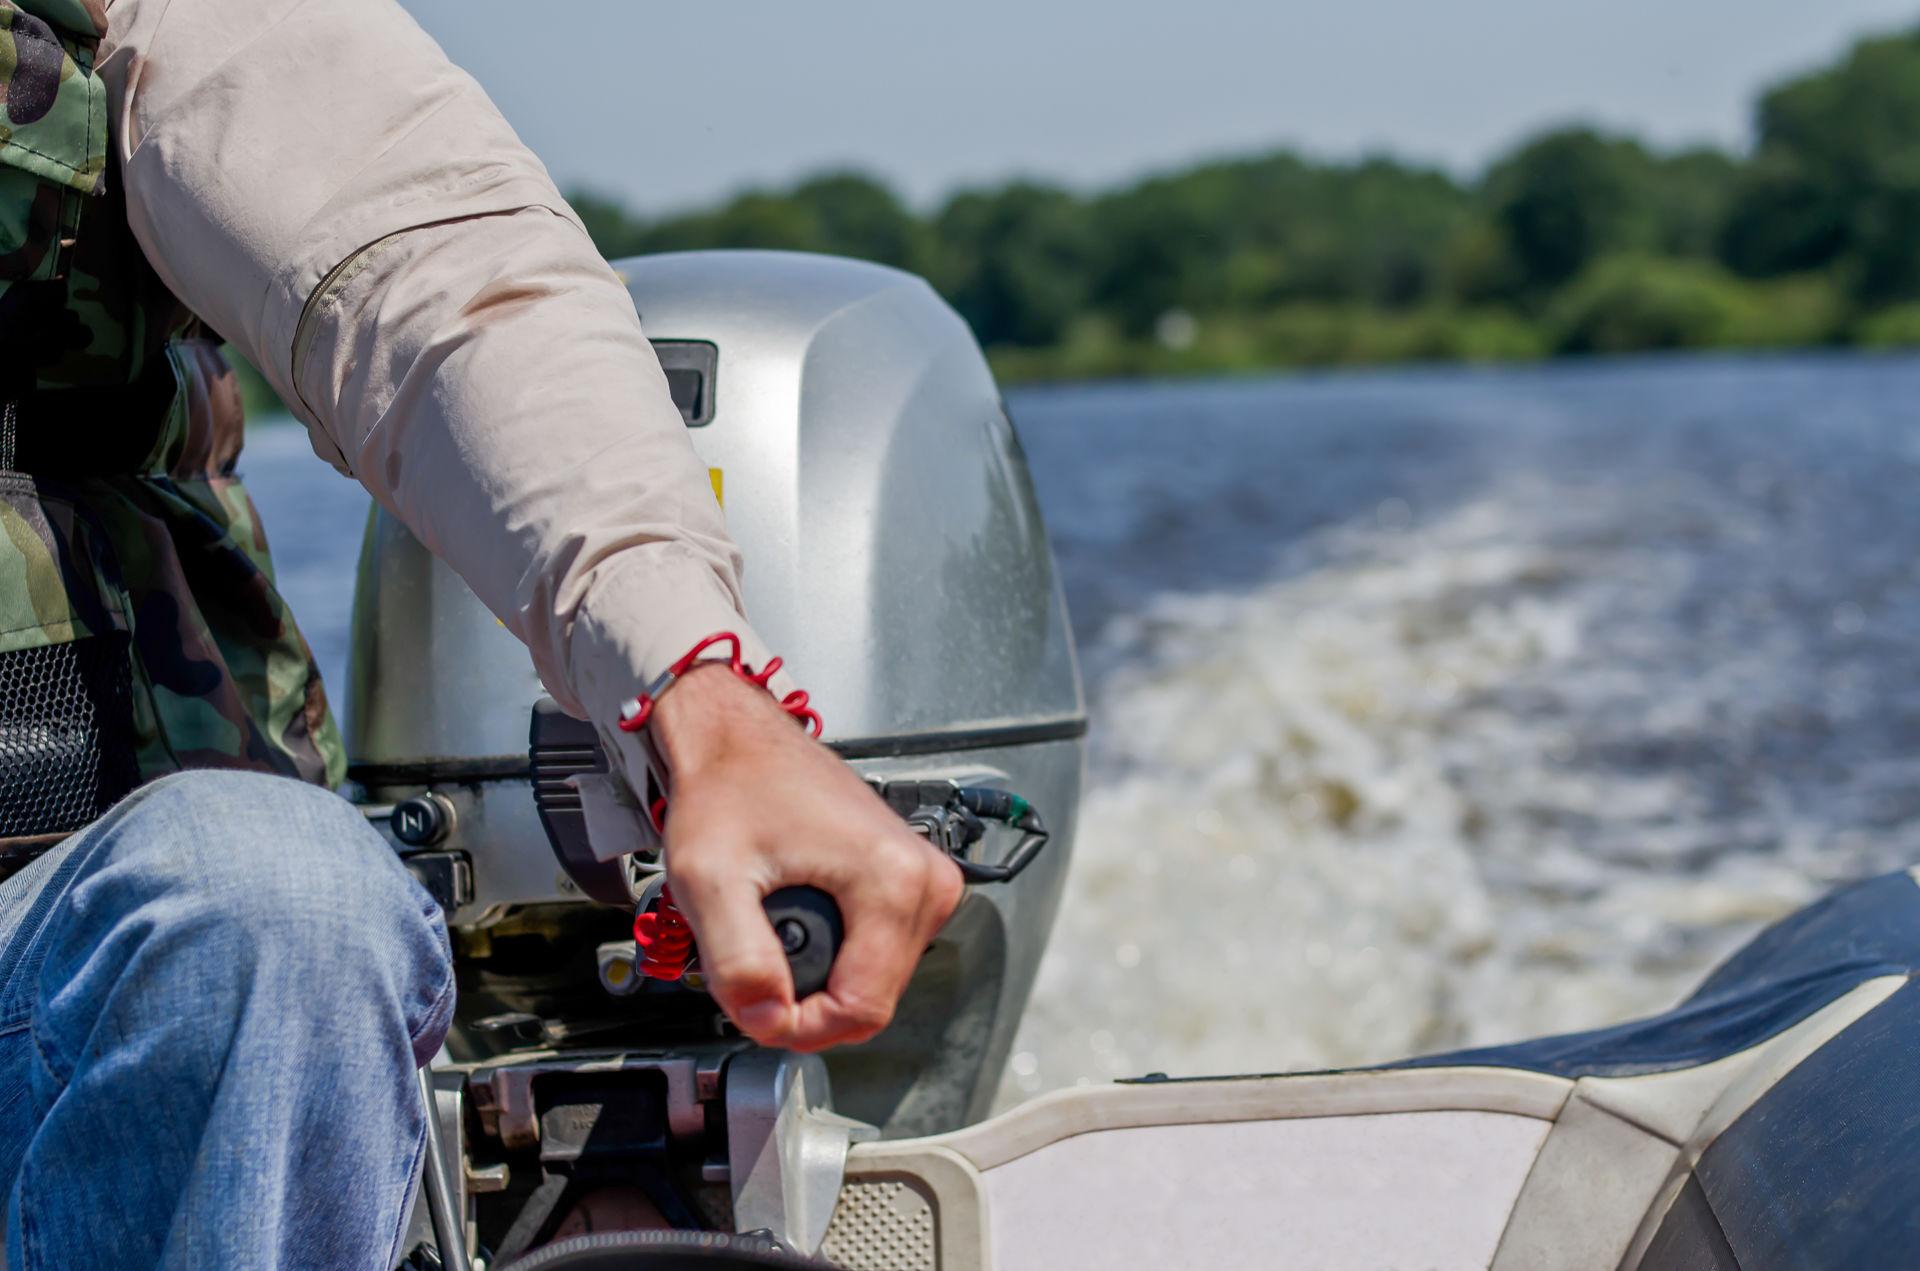 Käsi moottoriveneen moottorilla